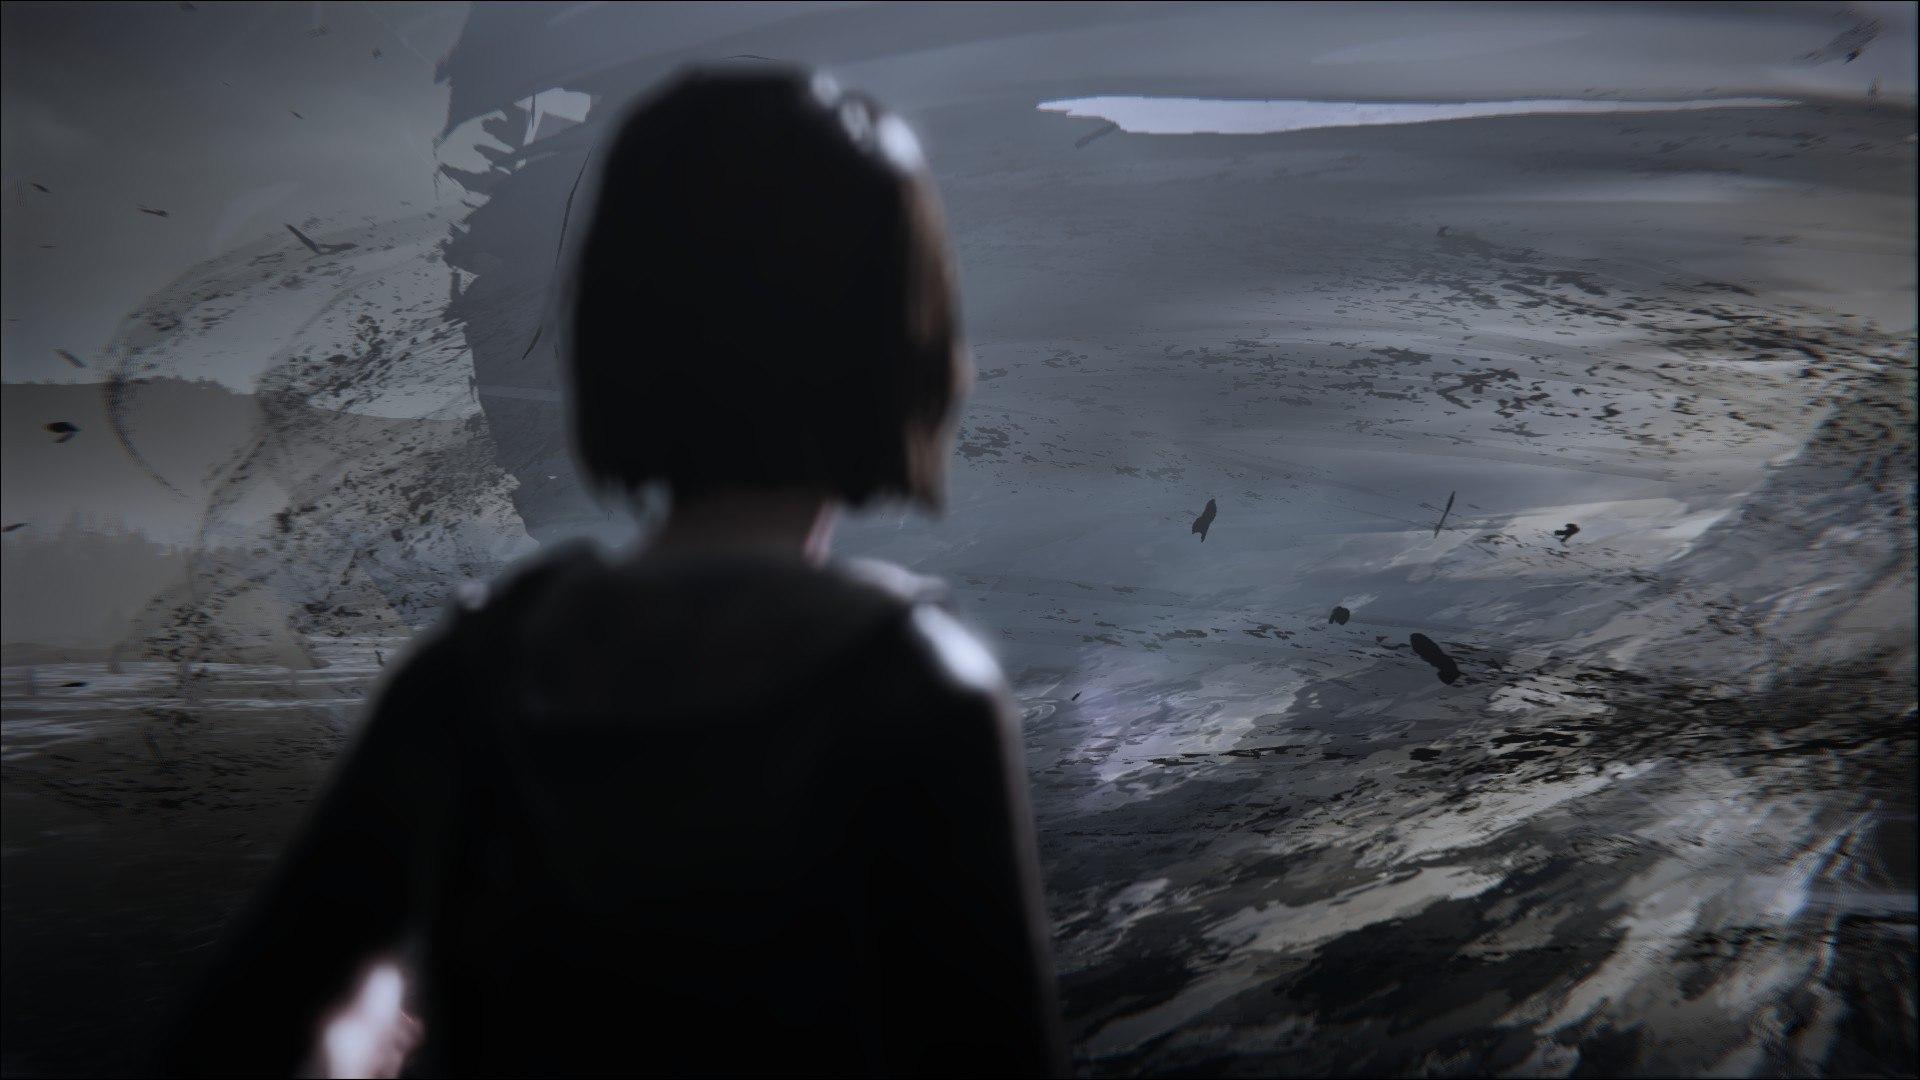 Макс в пятом эпизоде игры Life is Strange